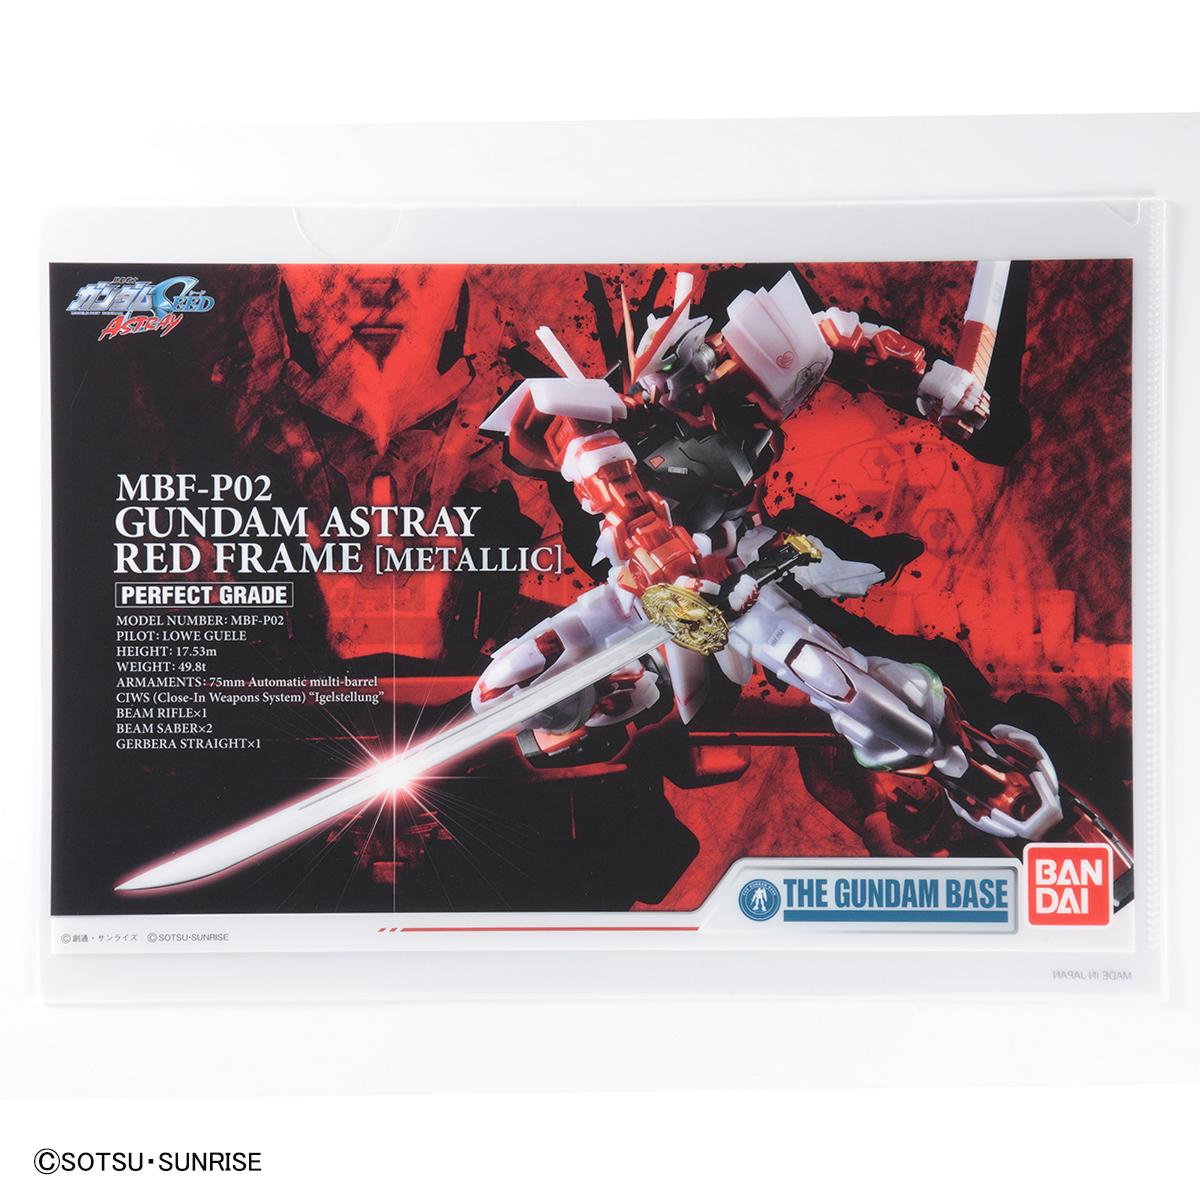 THE GUNDAM BASE クリアファイル  ガンダムアストレイ レッドフレーム 商品画像